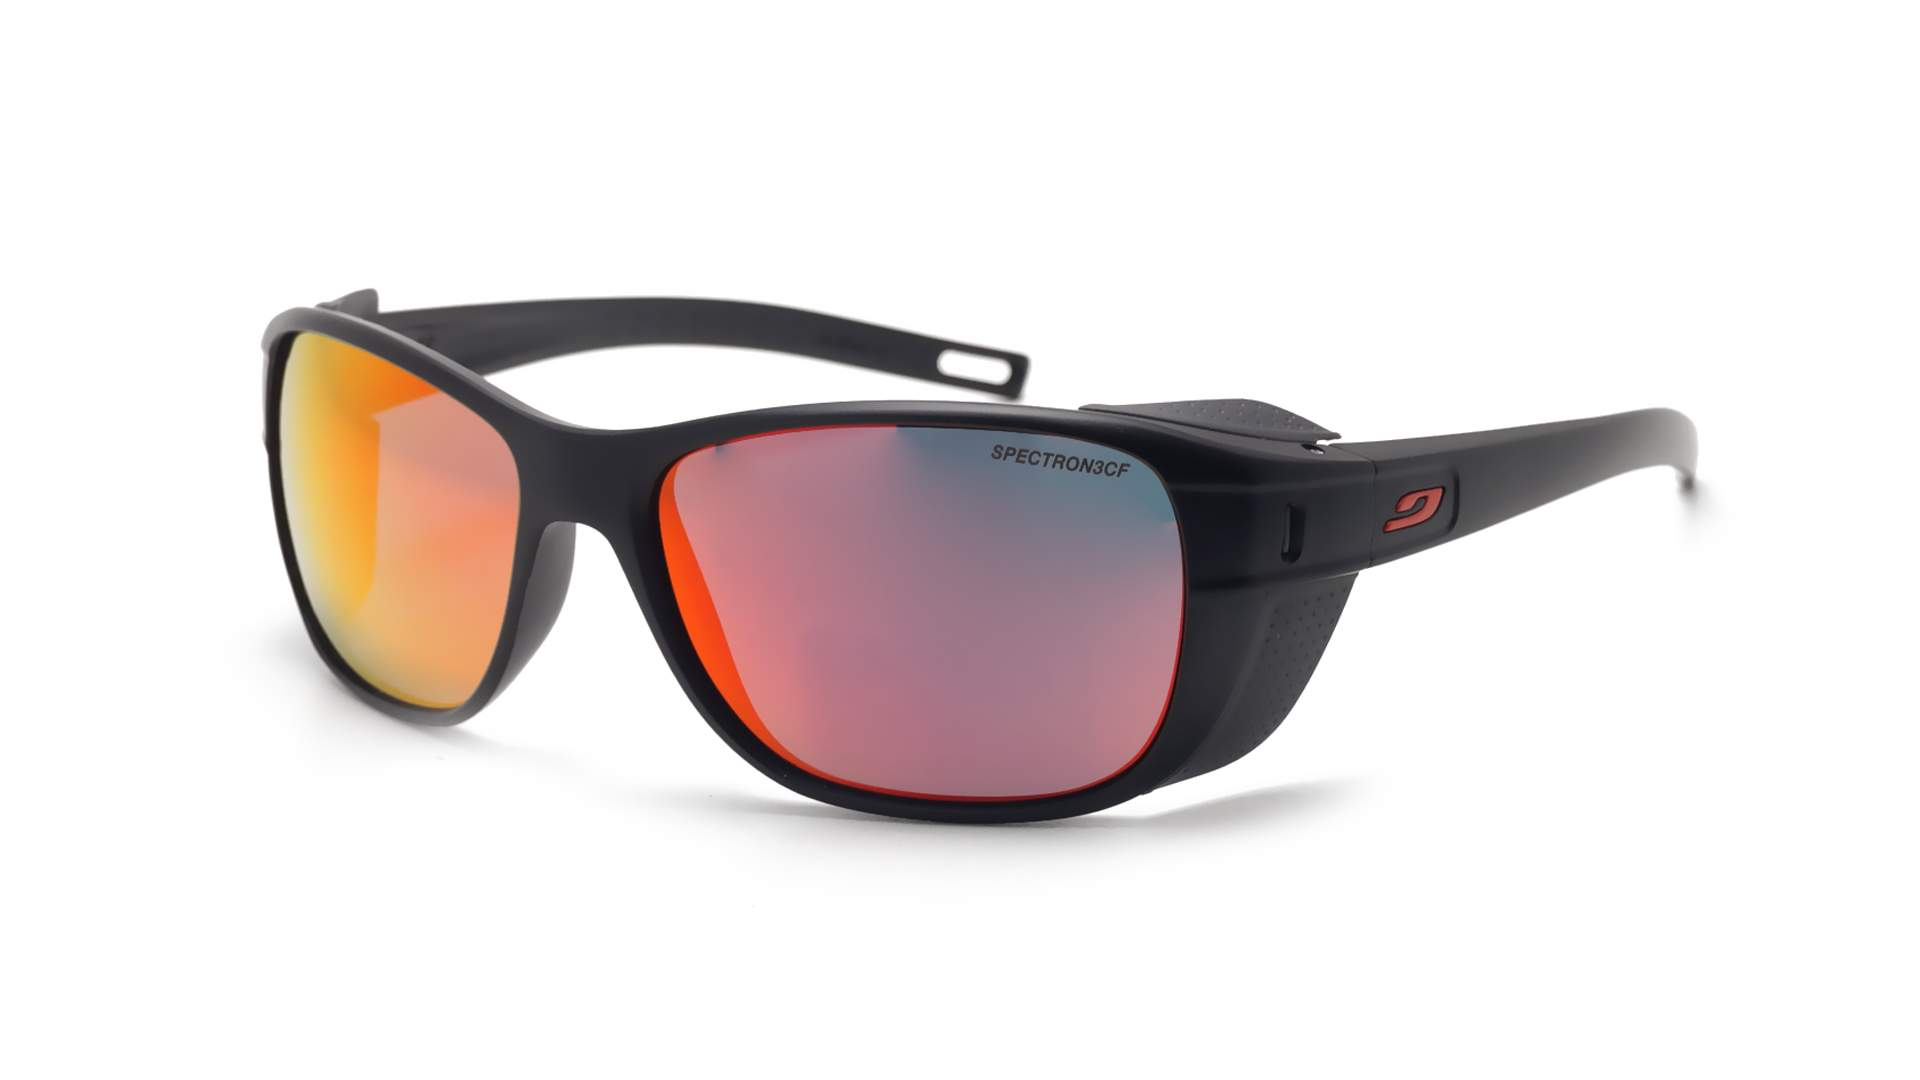 c7c4d737c5 Sunglasses Julbo Camino Black Matte J501 1114 58-15 Medium Mirror